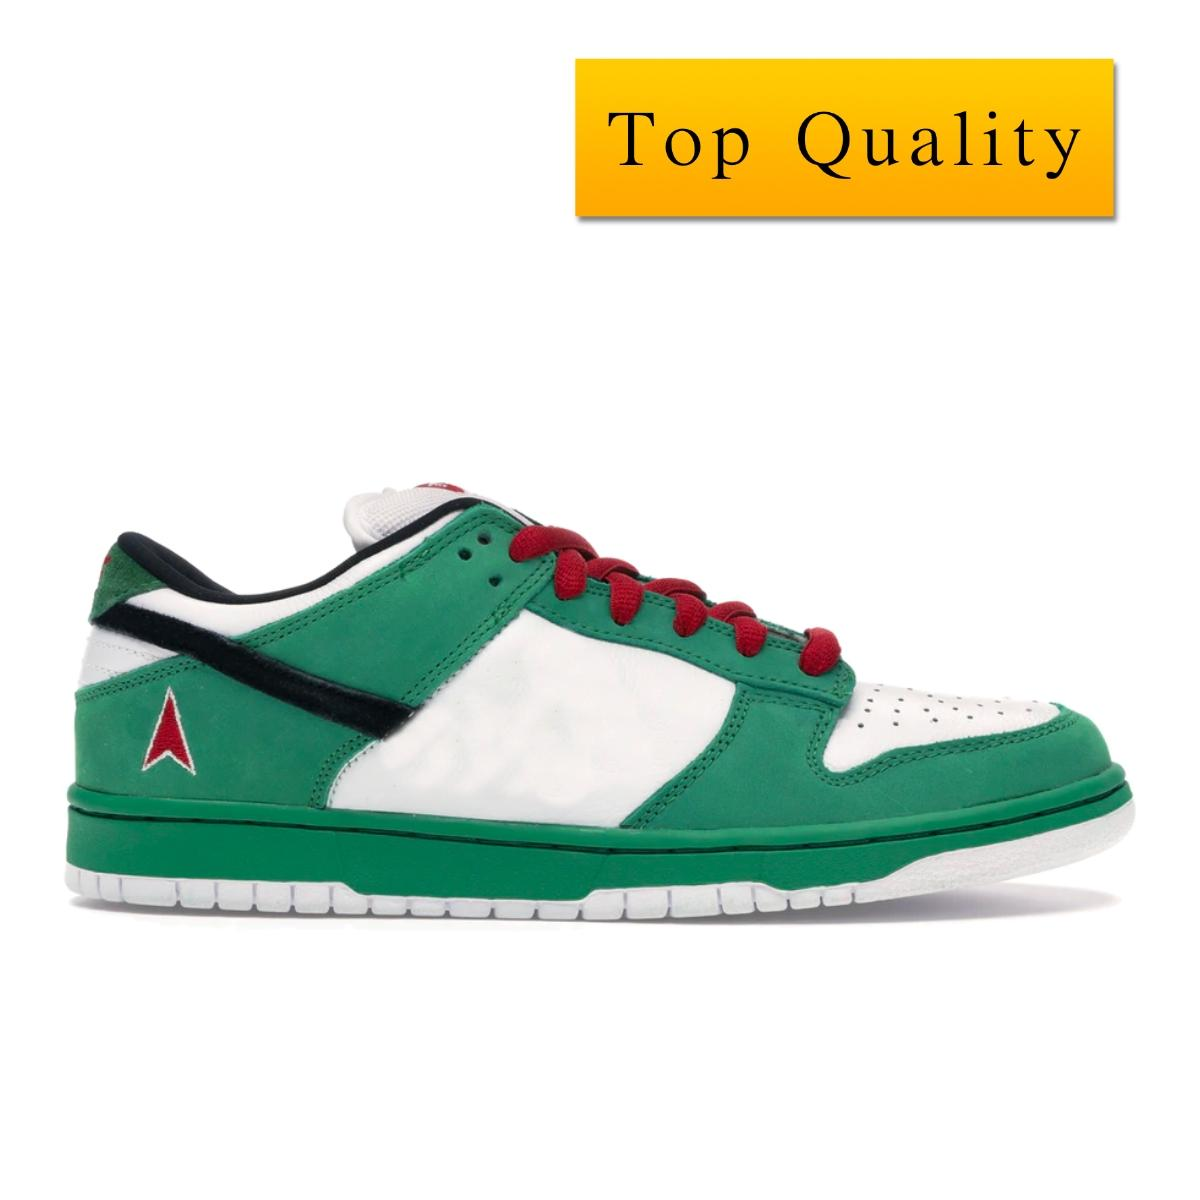 أعلى جودة أخضر أبيض أسود RED منخفضة رجل حذاء عرضي Sbdnkl-Heiny STYLE 304292-302 مع صندوق الحجم الولايات المتحدة 12